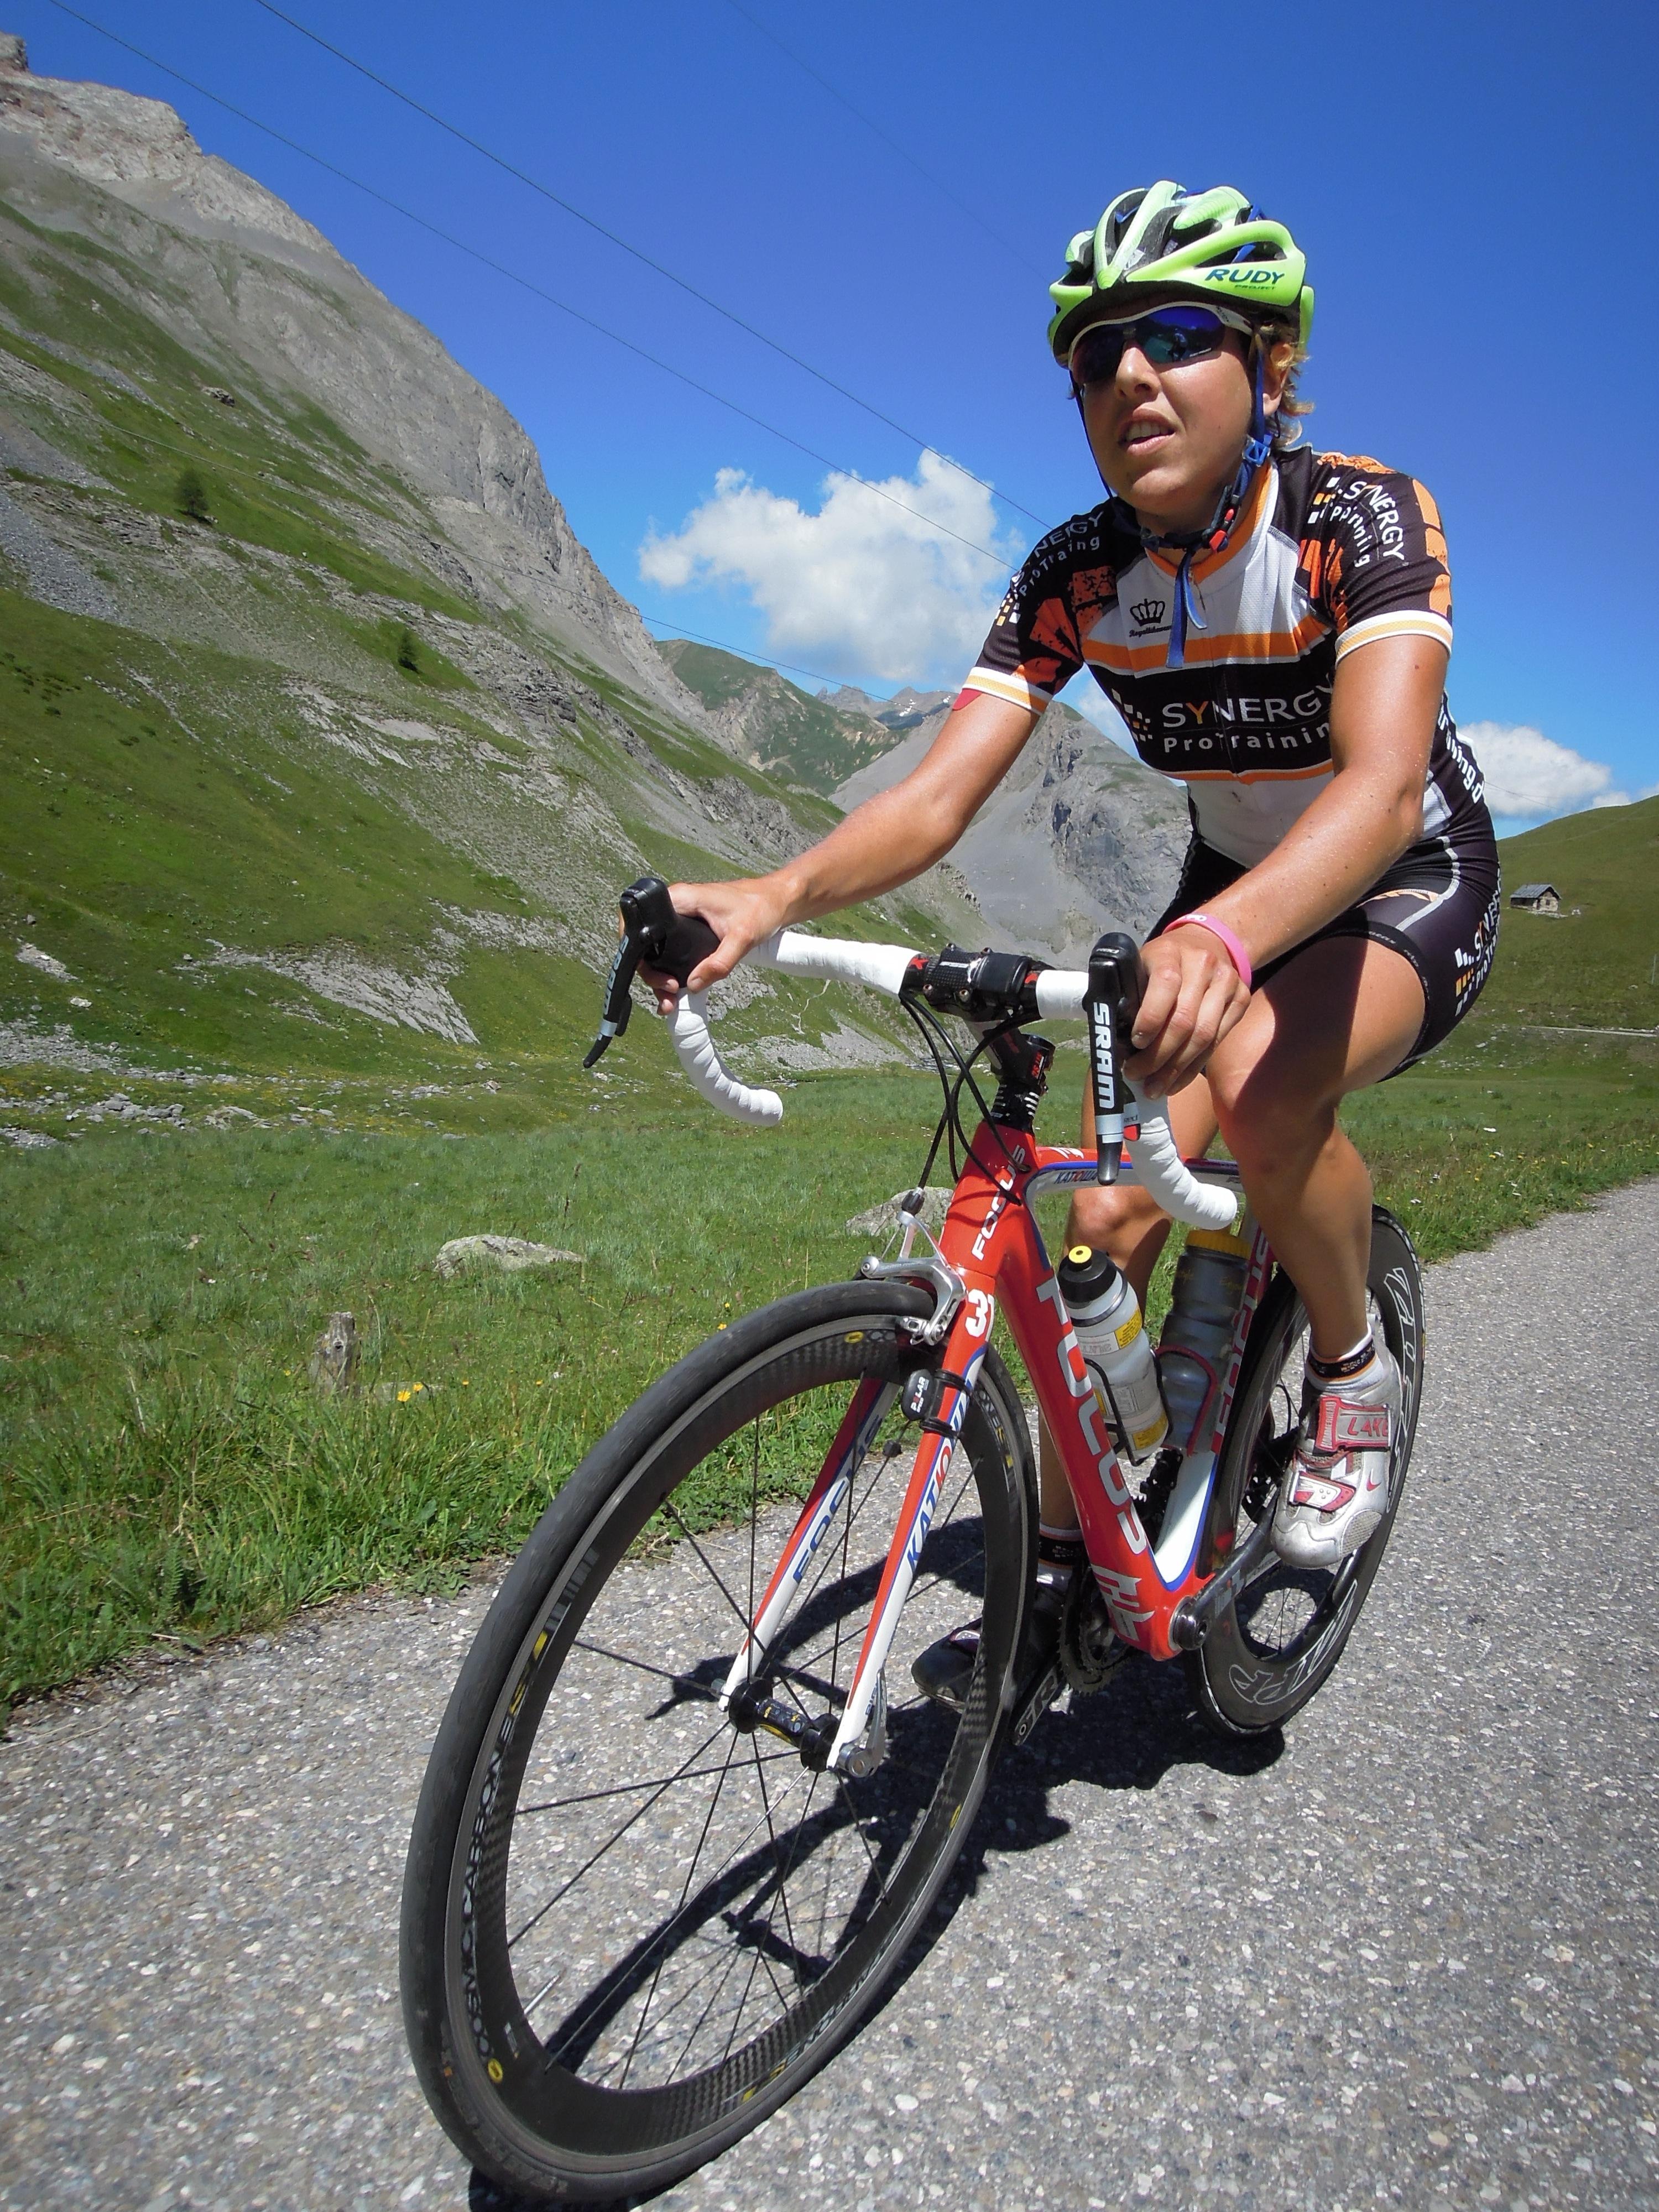 die Neuscheler Famile beim sommerlichen Alpen-Radeln. Ein Bild aus optimisticherer Sommerzeit - leicht angestrengt wegen der Steigung :-)